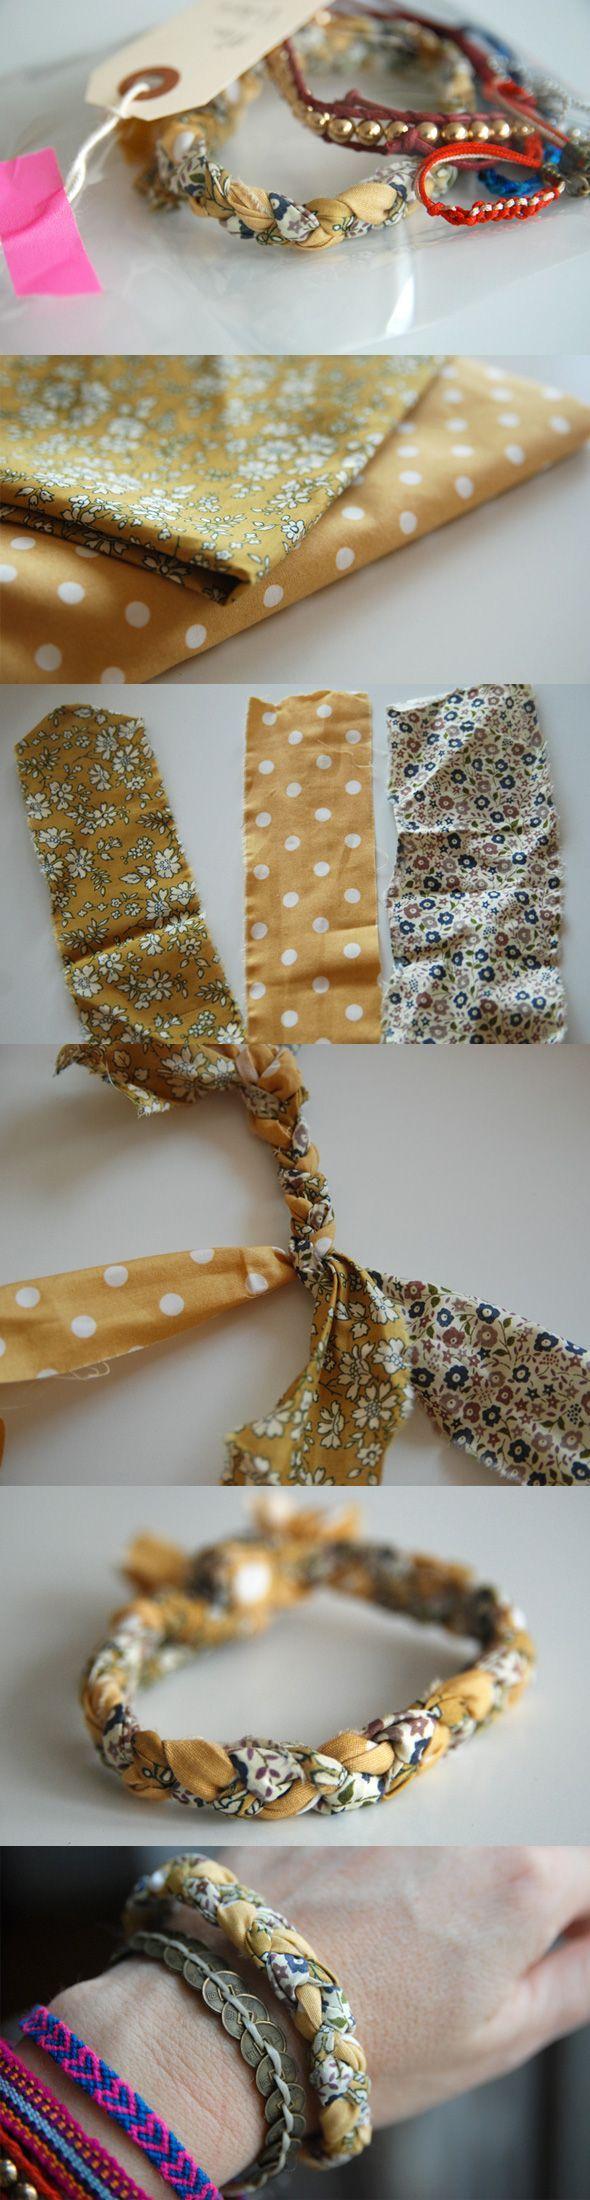 Des restes de tissu en stock ? Réalisez un joli bracelet en tissu DIY. A offrir ou à s'offrir selon vos envies. ♥ #epinglercpartager